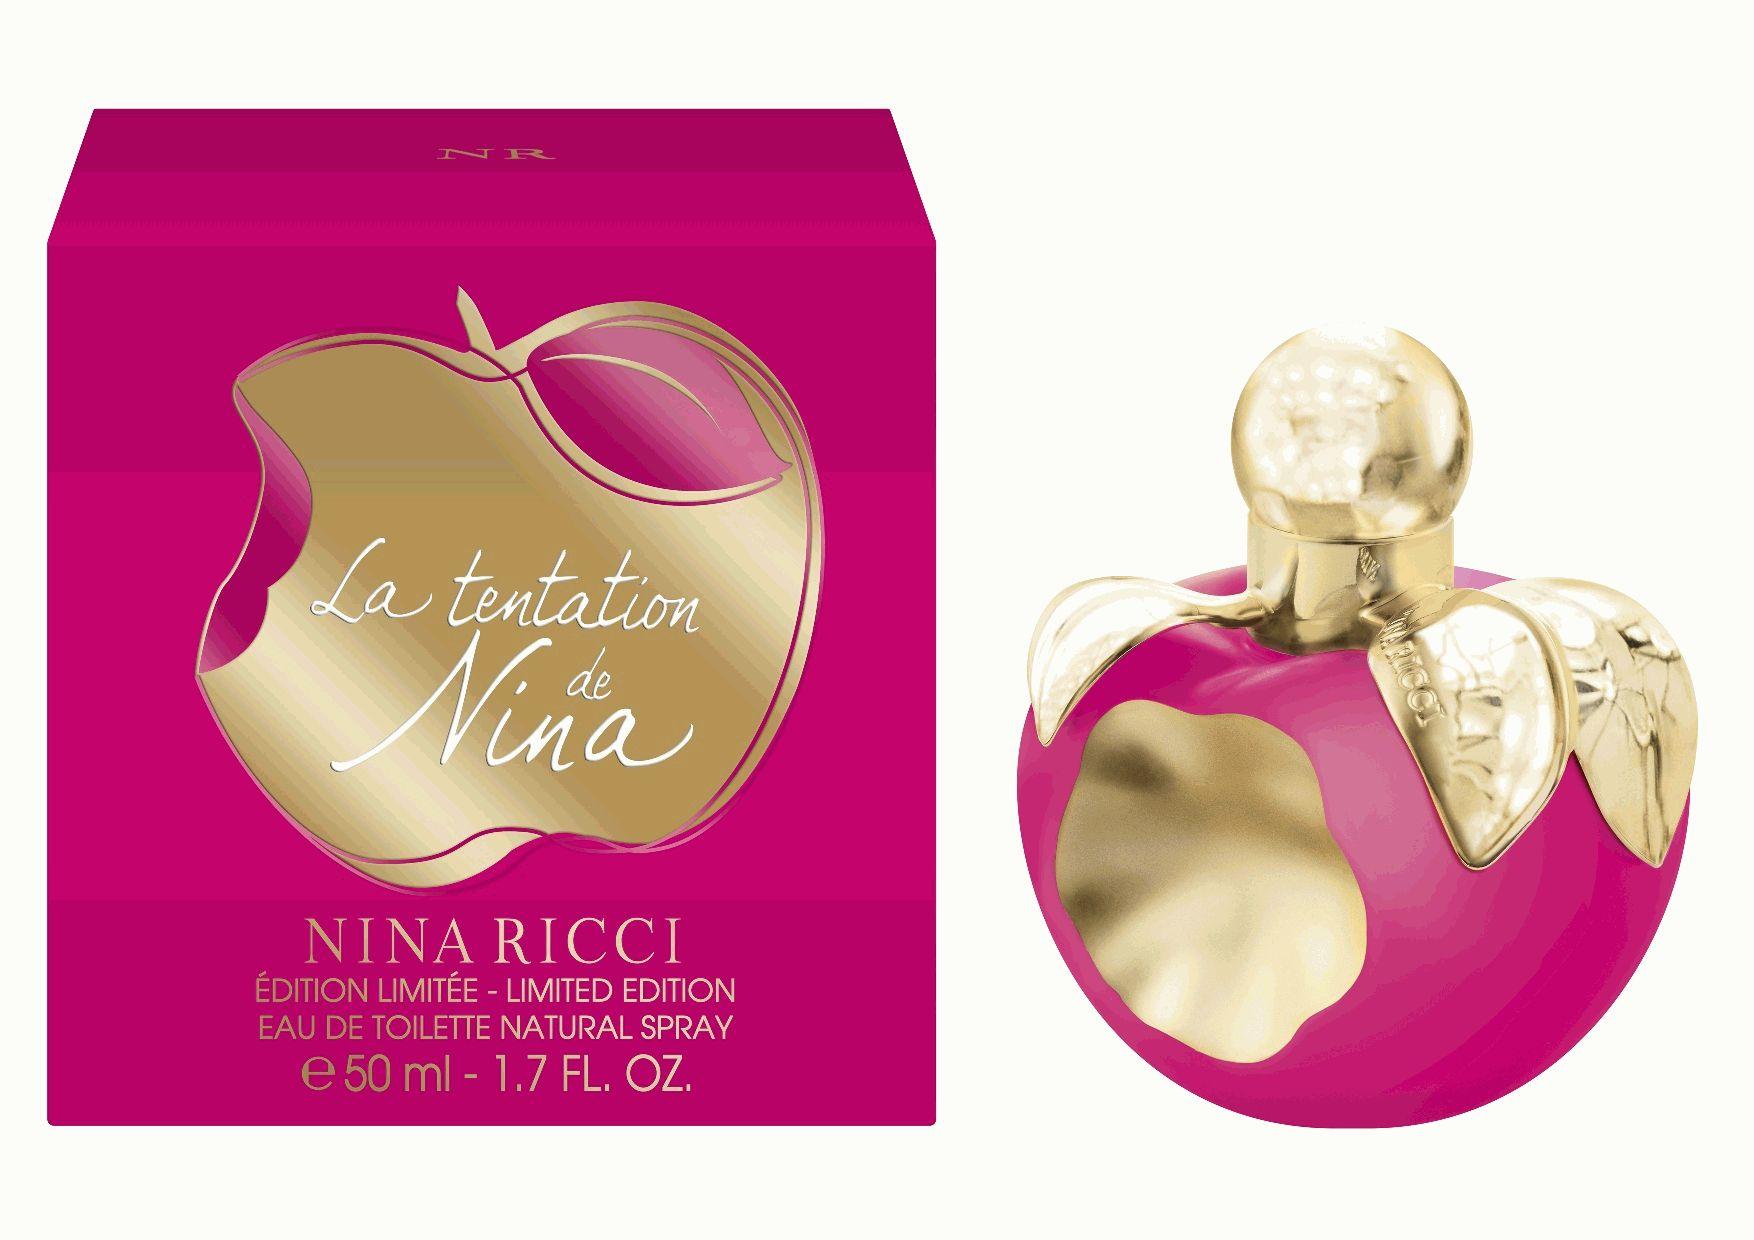 Nina Ricci,Laduree